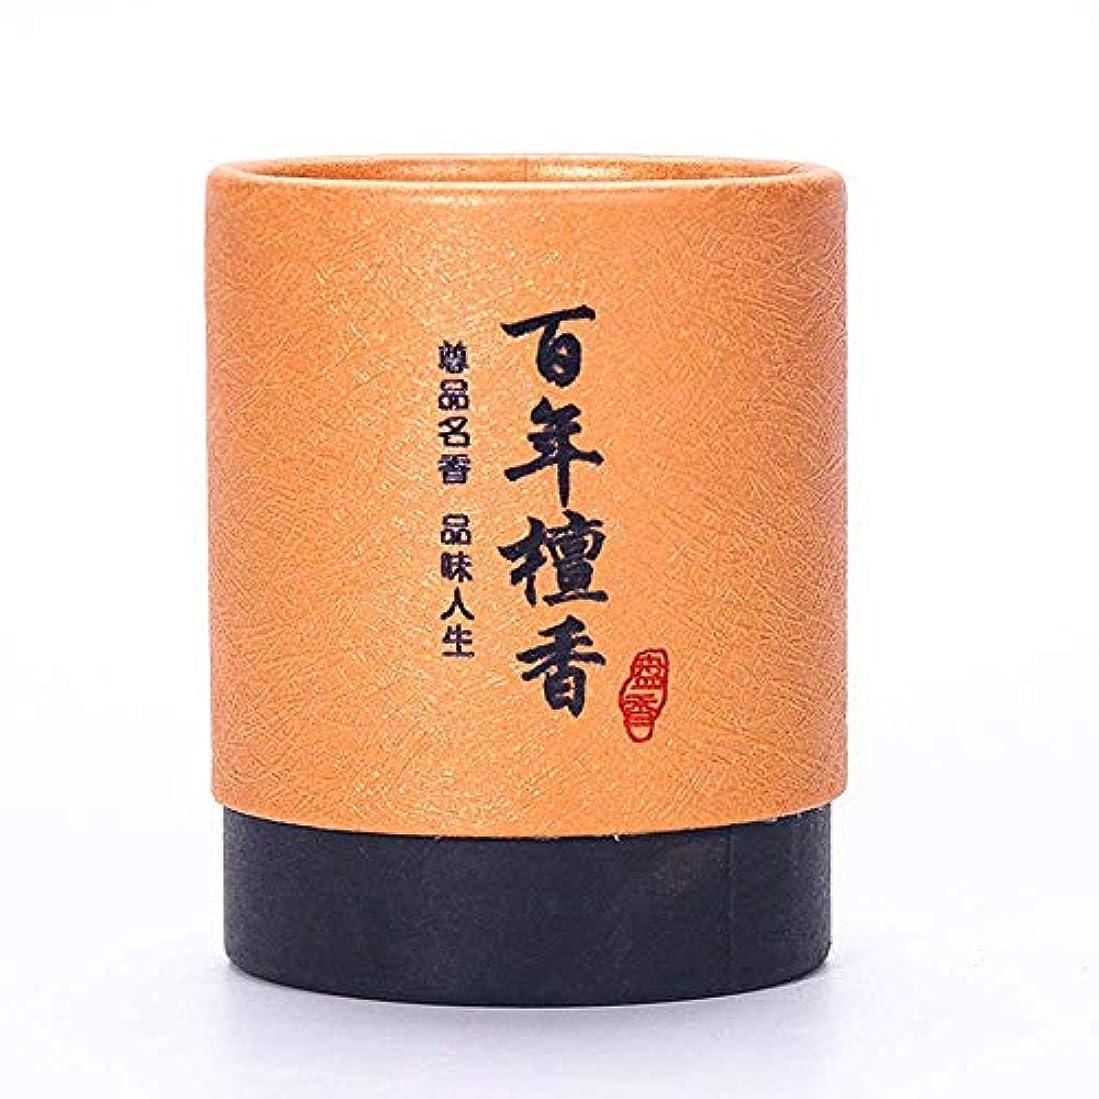 マトン着飾るケニアHwaGui お香 2時間 盤香 渦巻き線香 優しい香り 48巻入 (百年檀香)